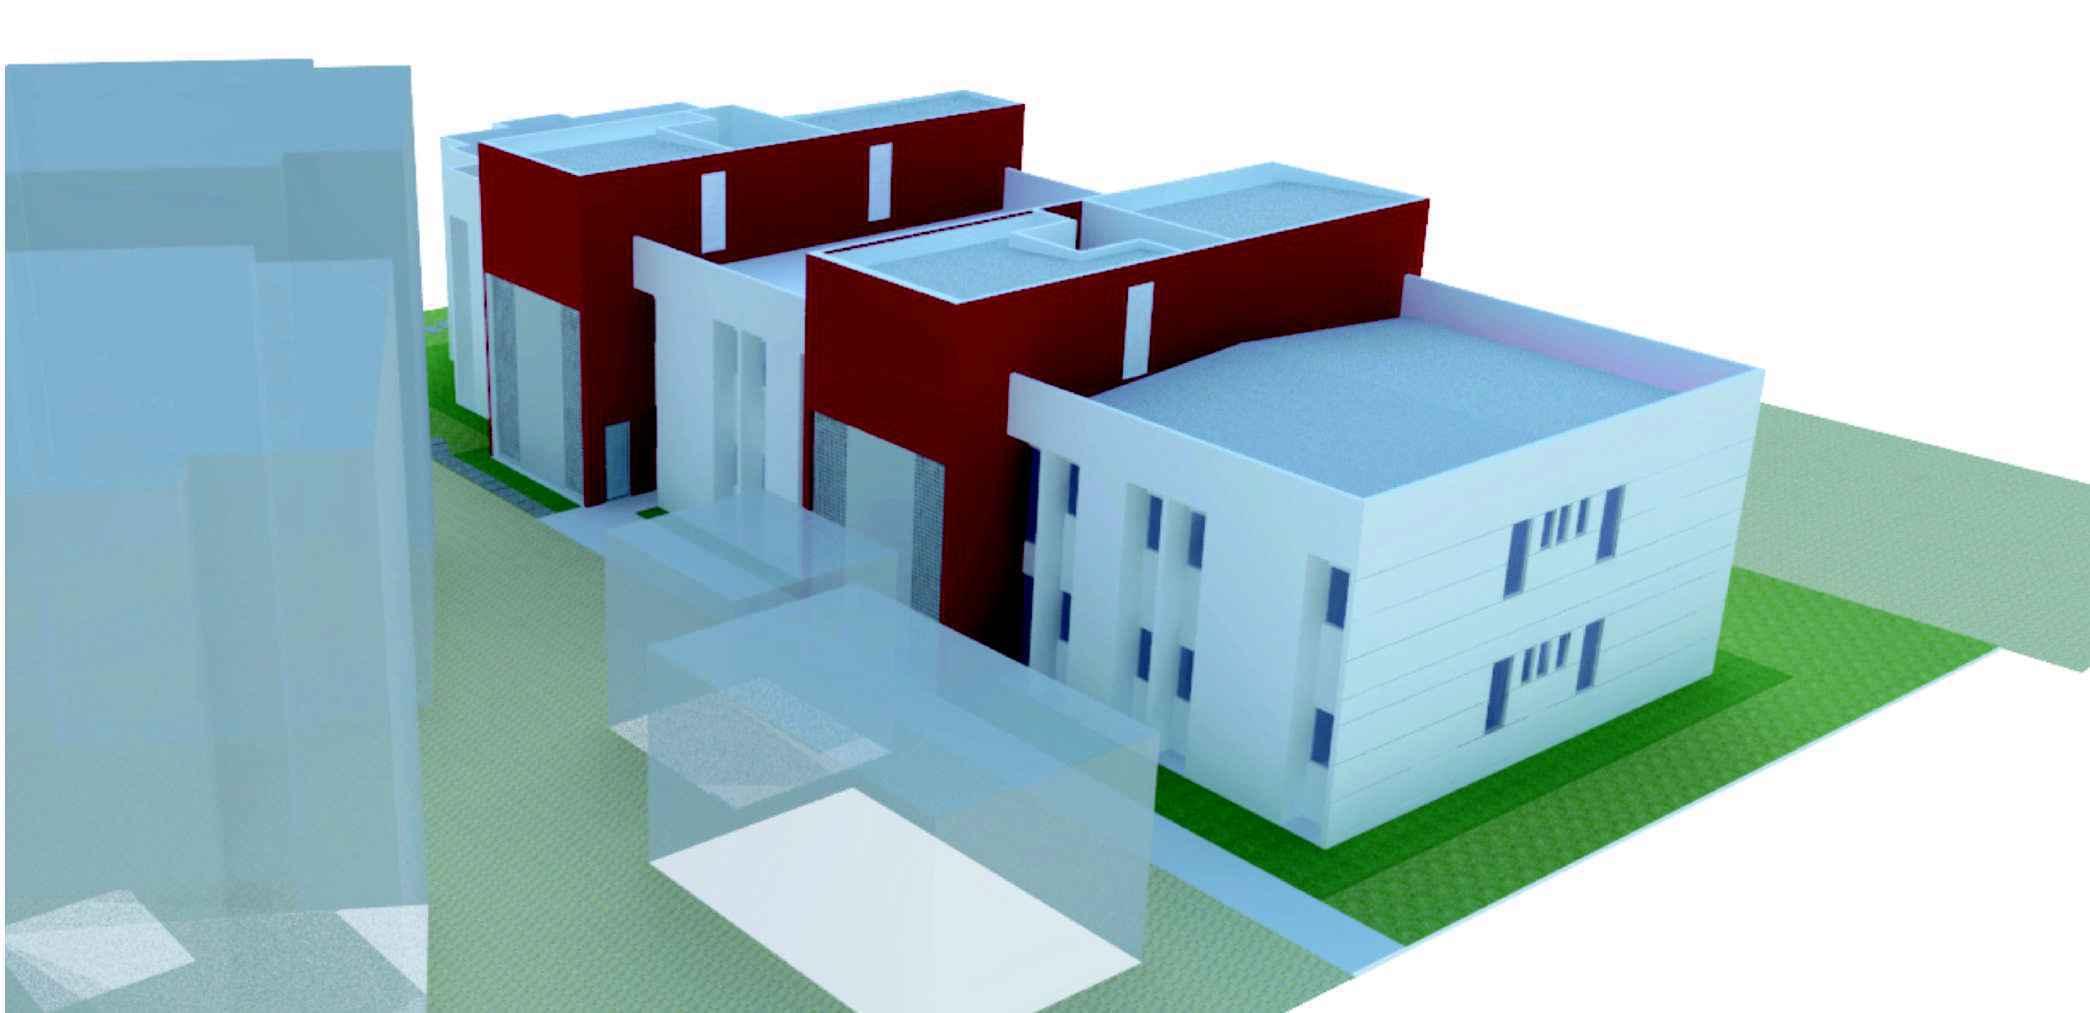 Perspectiva da fachada da nova moradia em Montes Claros